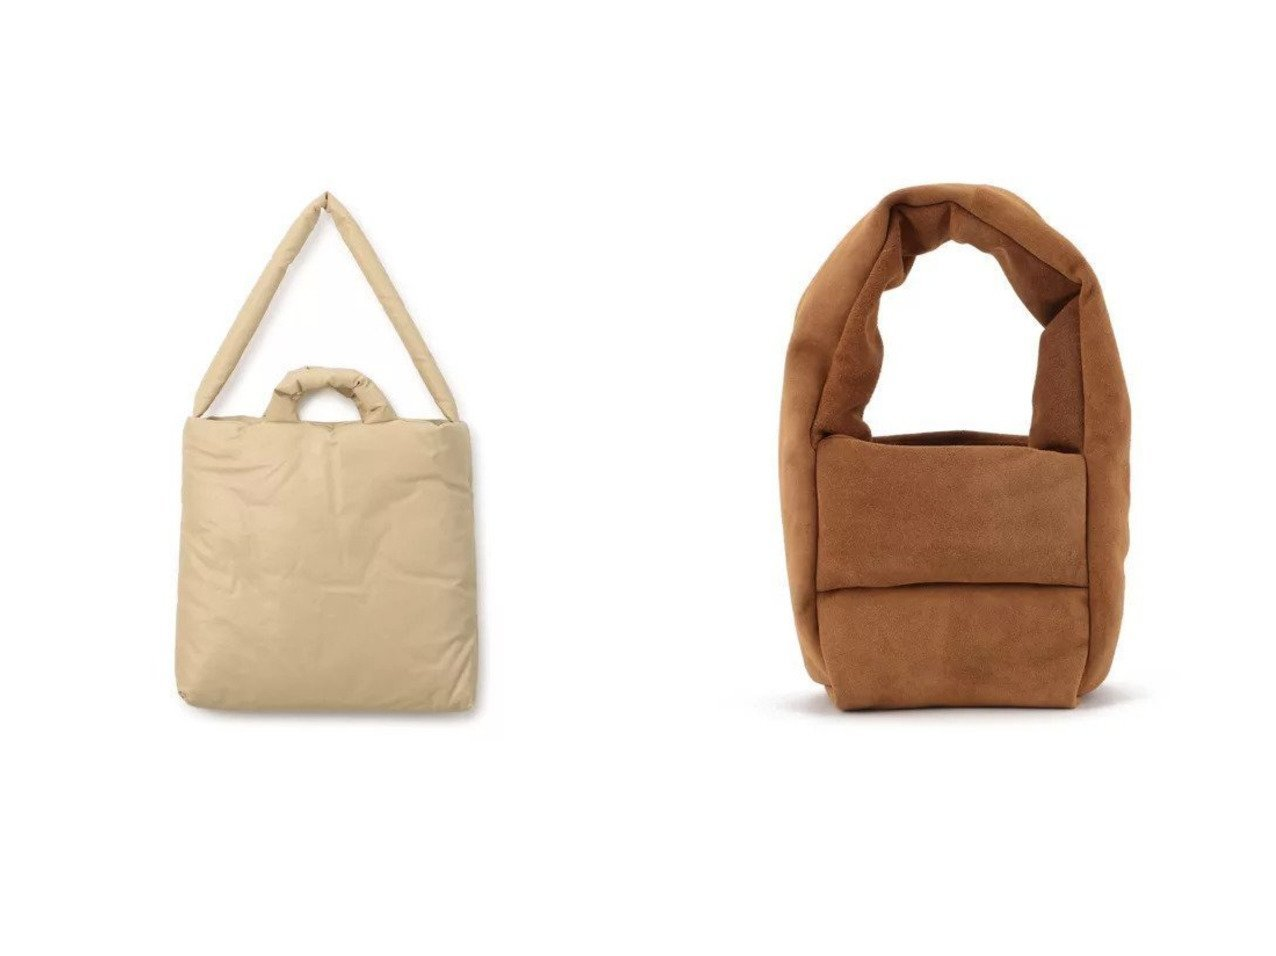 【KASSL EDITIONS/カッスル エディションズ】のBAG MONK SMALL&BAG PILLOW MEDIUM 【バッグ・鞄】おすすめ!人気、トレンド・レディースファッションの通販 おすすめで人気の流行・トレンド、ファッションの通販商品 メンズファッション・キッズファッション・インテリア・家具・レディースファッション・服の通販 founy(ファニー) https://founy.com/ ファッション Fashion レディースファッション WOMEN バッグ Bag 2021年 2021 2021春夏・S/S SS/Spring/Summer/2021 S/S・春夏 SS・Spring/Summer オイル クッション ショルダー スクエア フォルム シェイプ シンプル ハンドバッグ フィット ラップ ワイド |ID:crp329100000039546